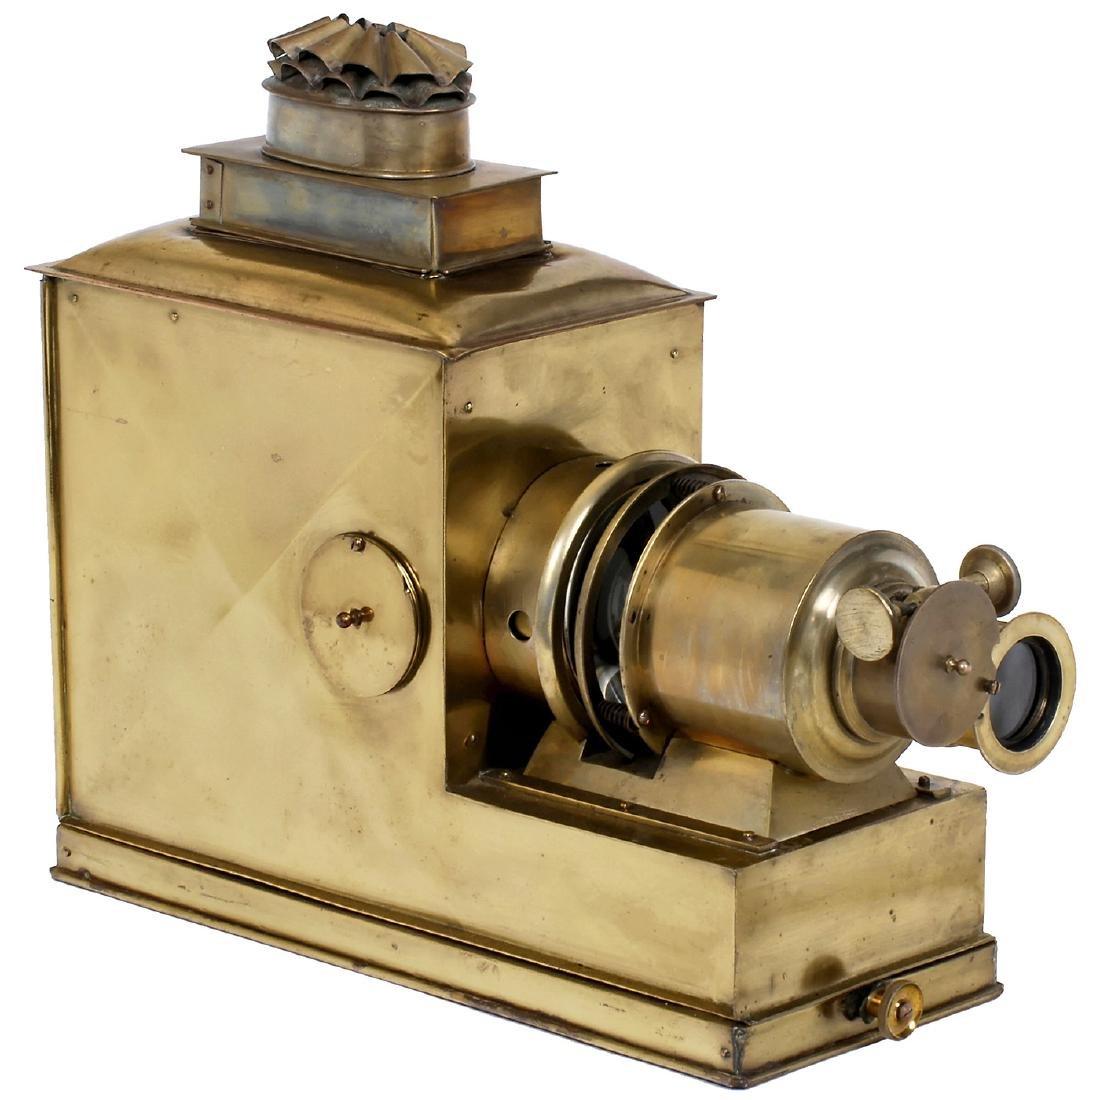 Brass Sciopticon, c. 1880